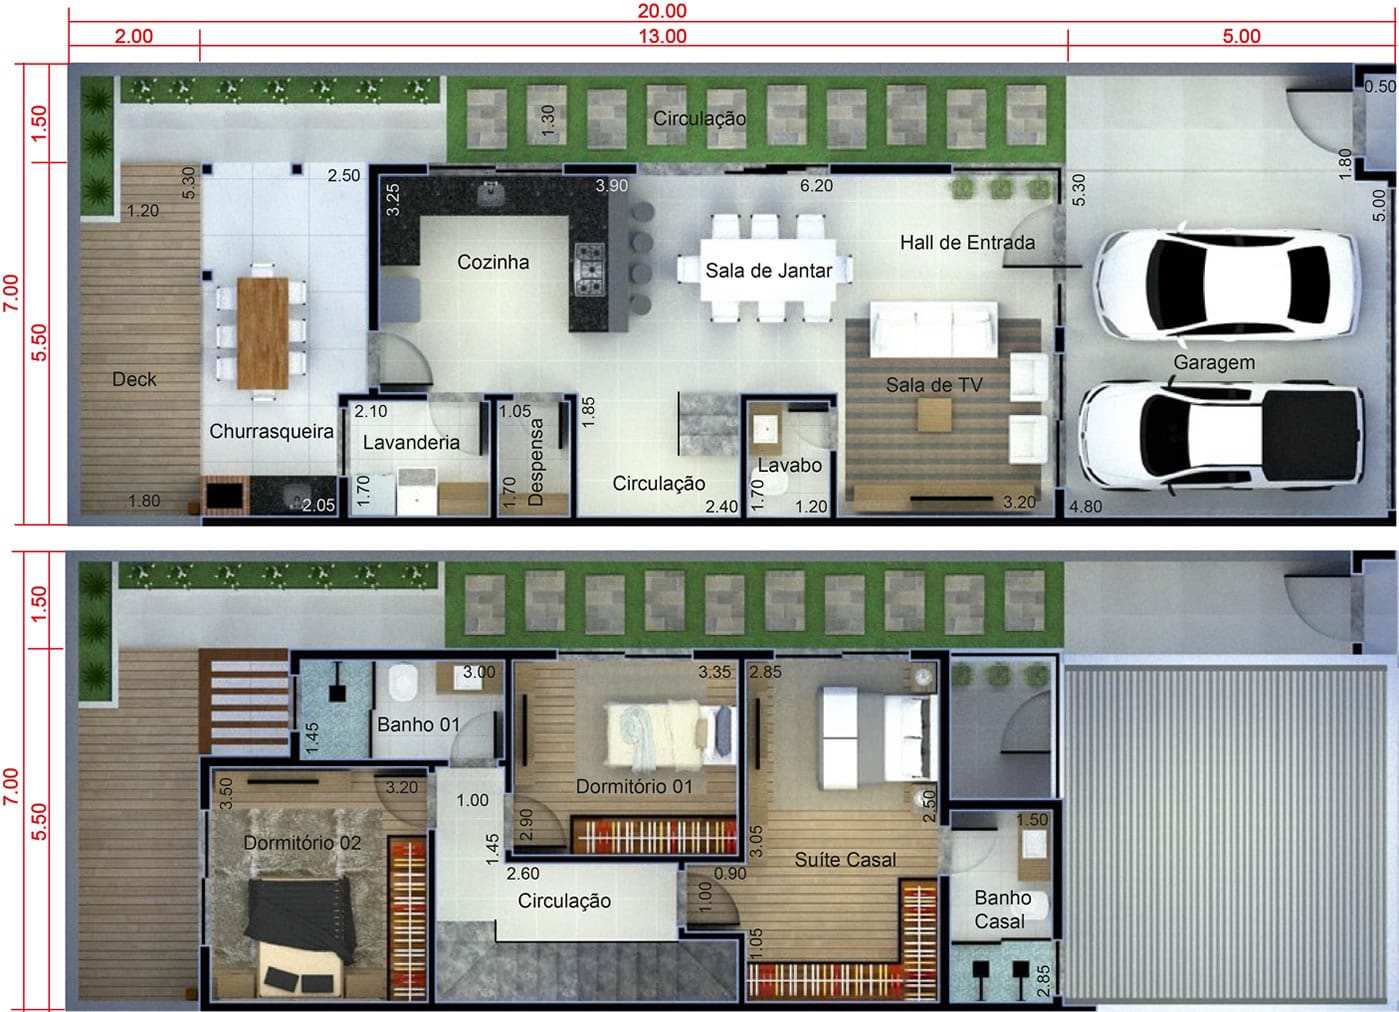 Planta De Cozinha Planta De Casas Com Quartos E Banheiros Cozinha E